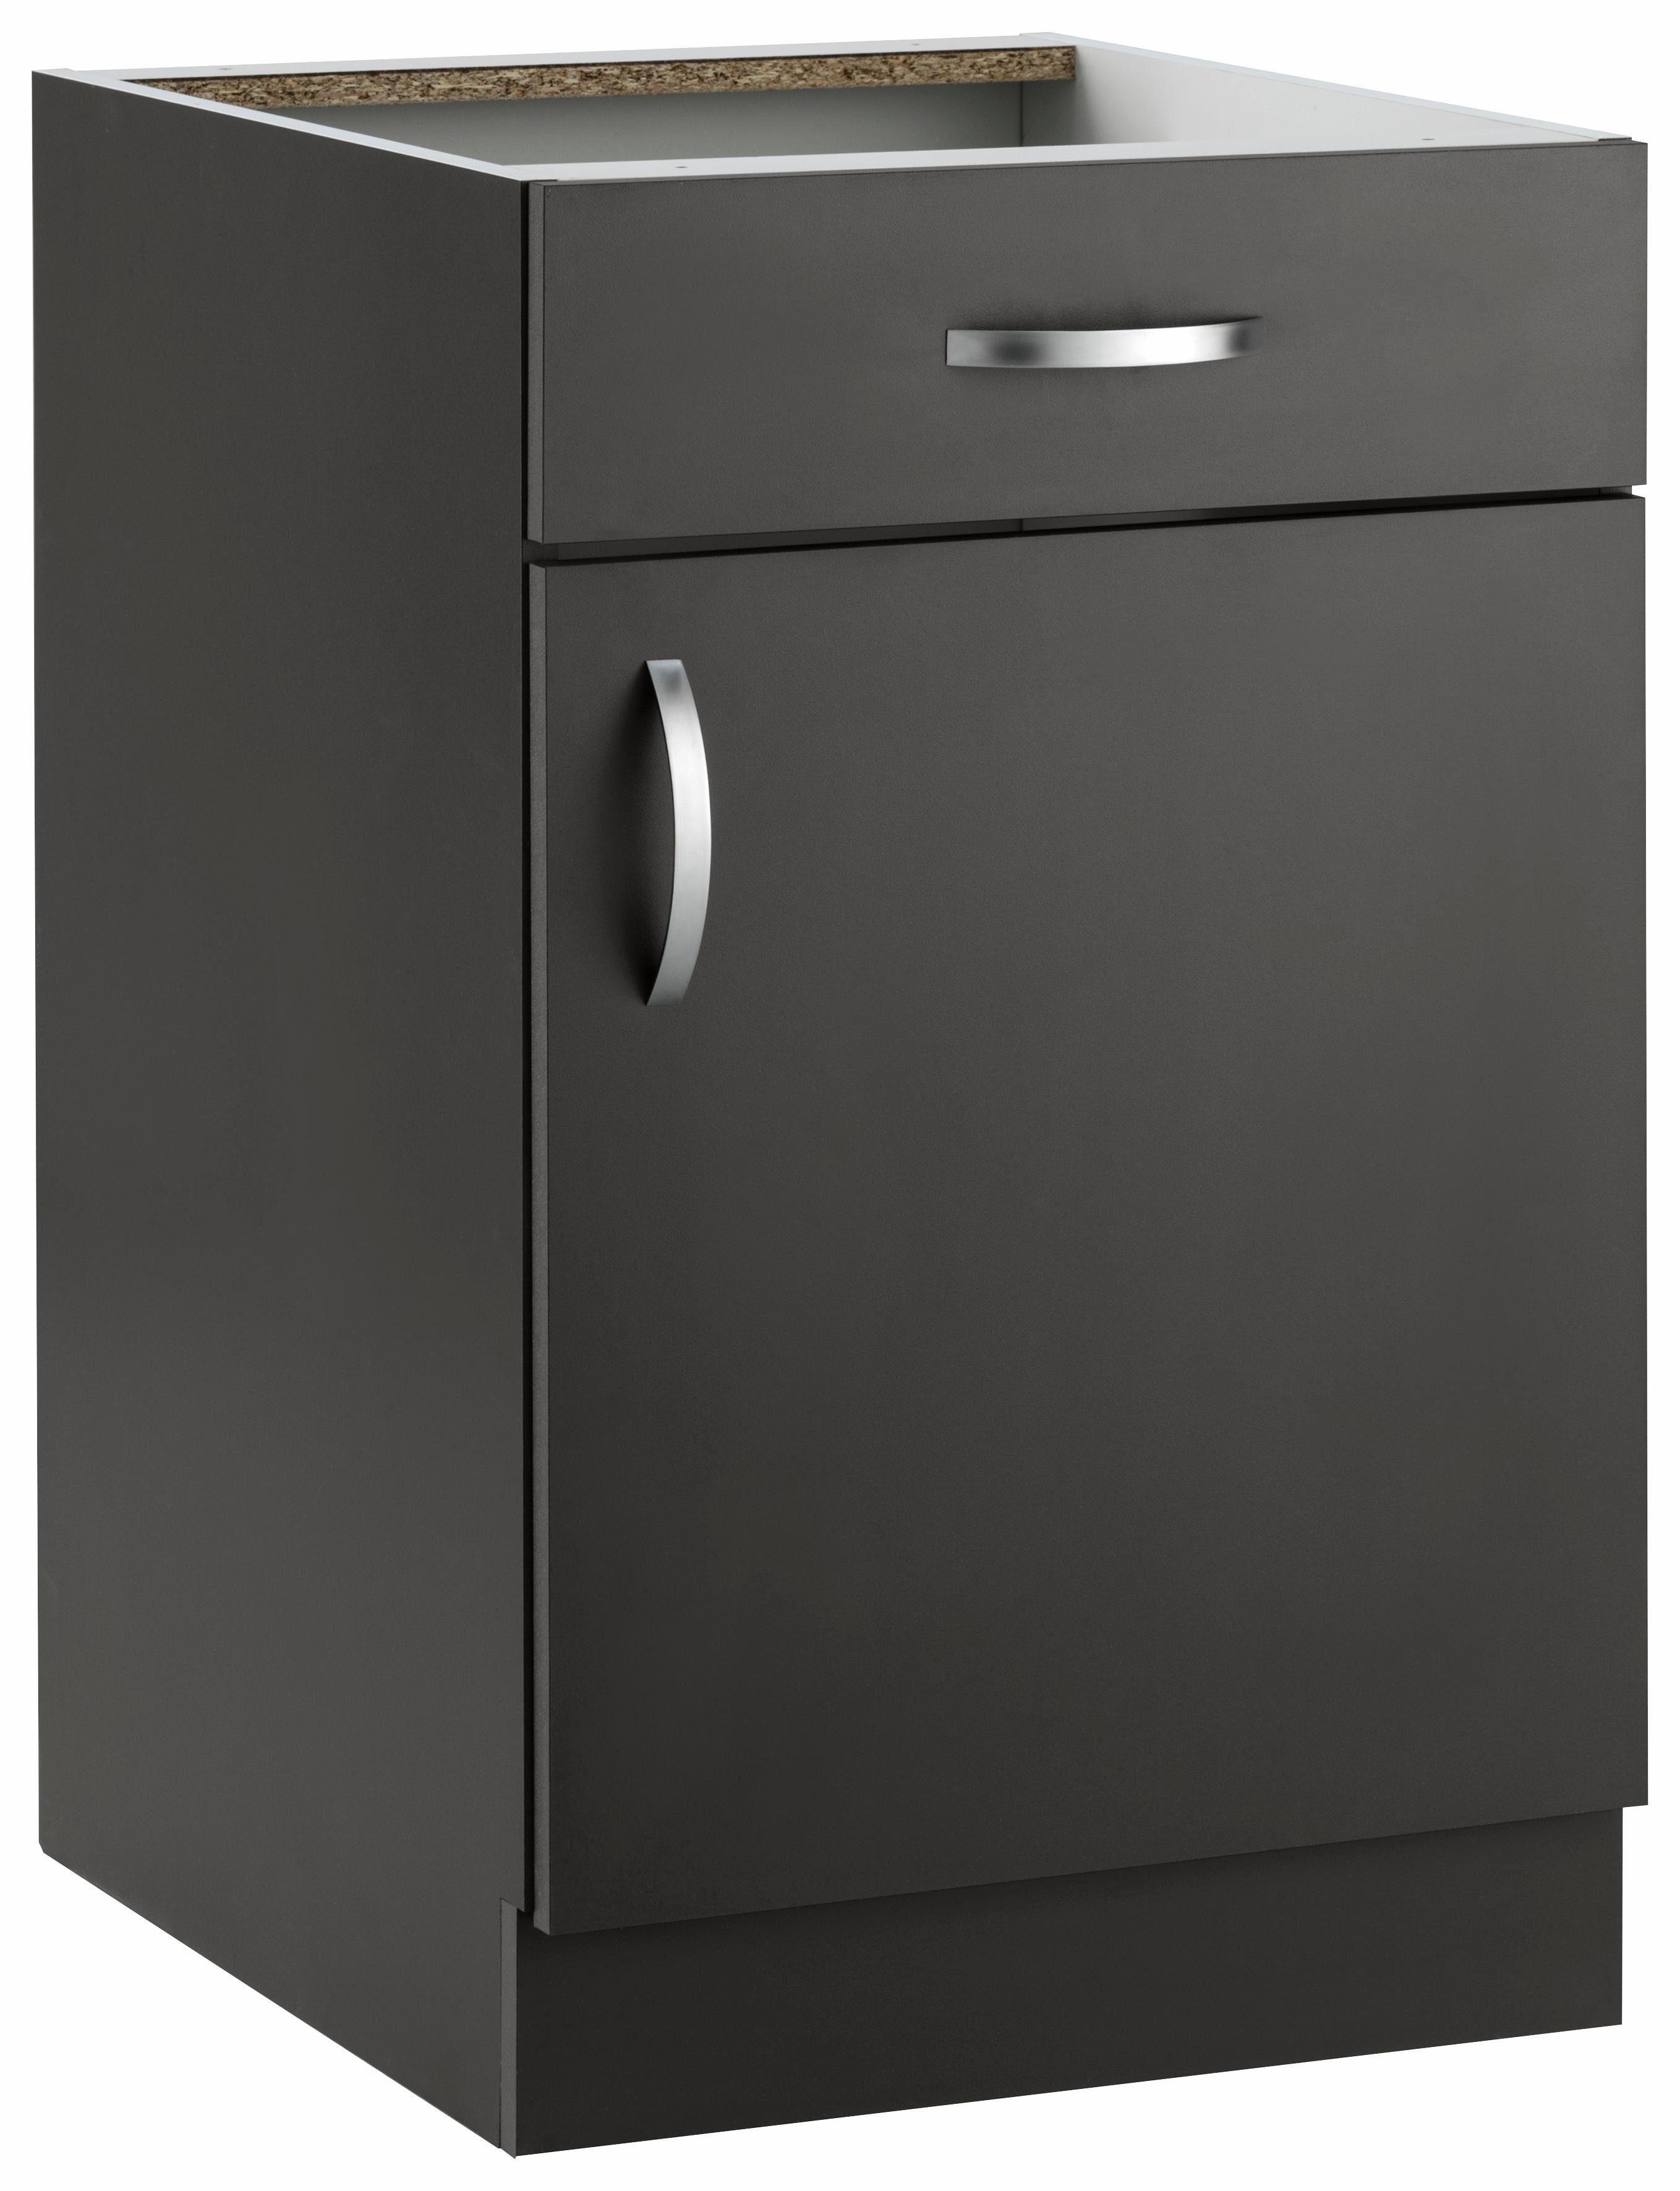 k chenschrank 50 cm breit fd81 hitoiro. Black Bedroom Furniture Sets. Home Design Ideas